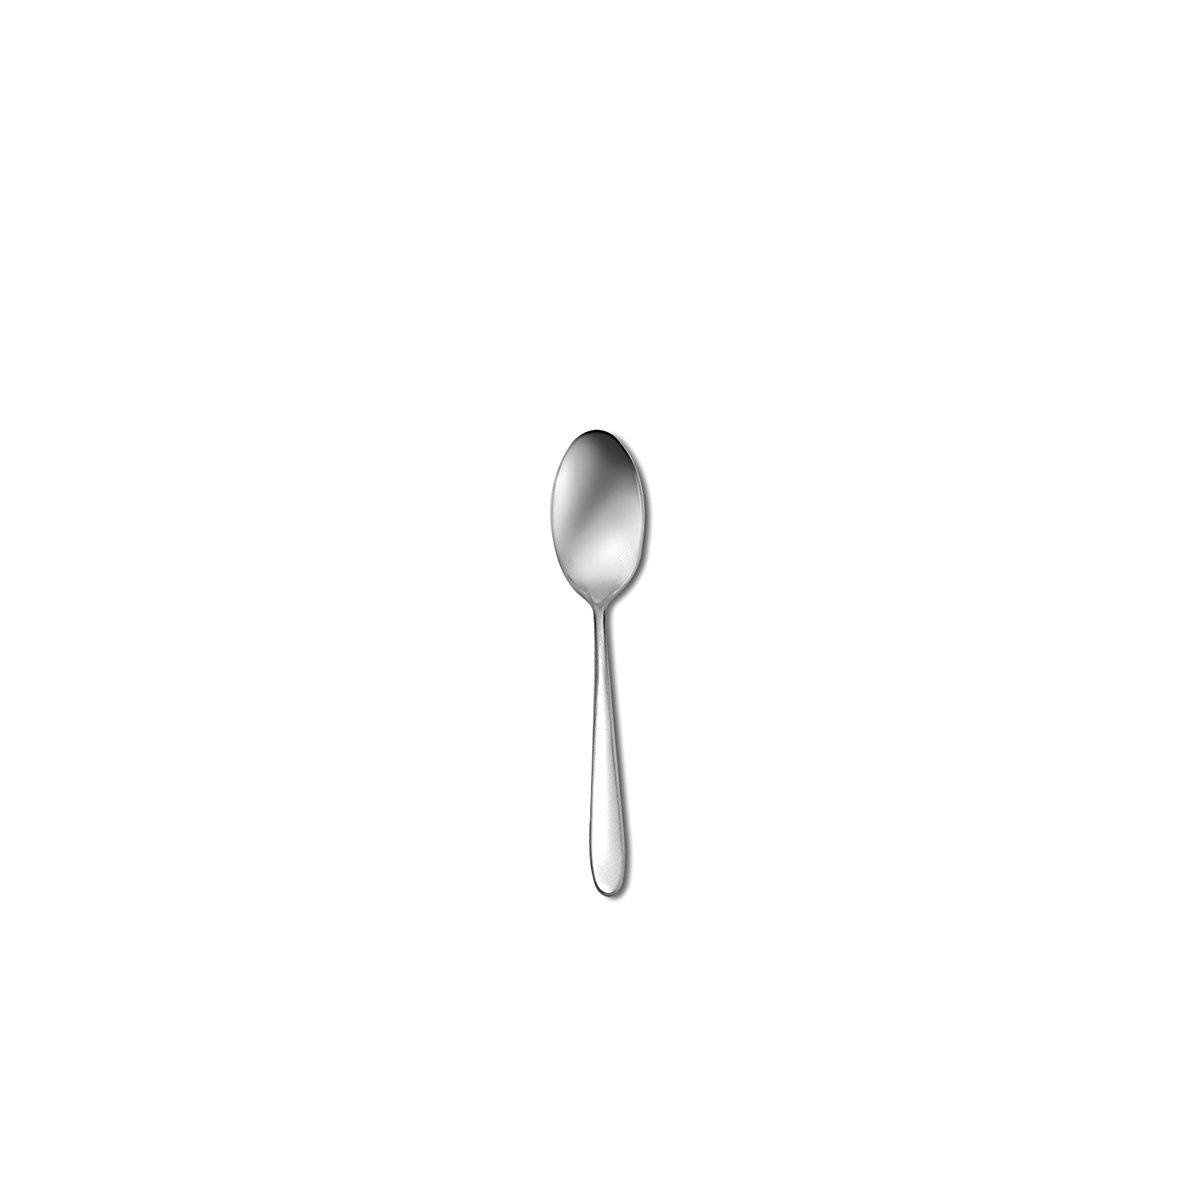 Oneida Foodservice T023SADF Mascagni Demitasse Spoons, Stainless Steel